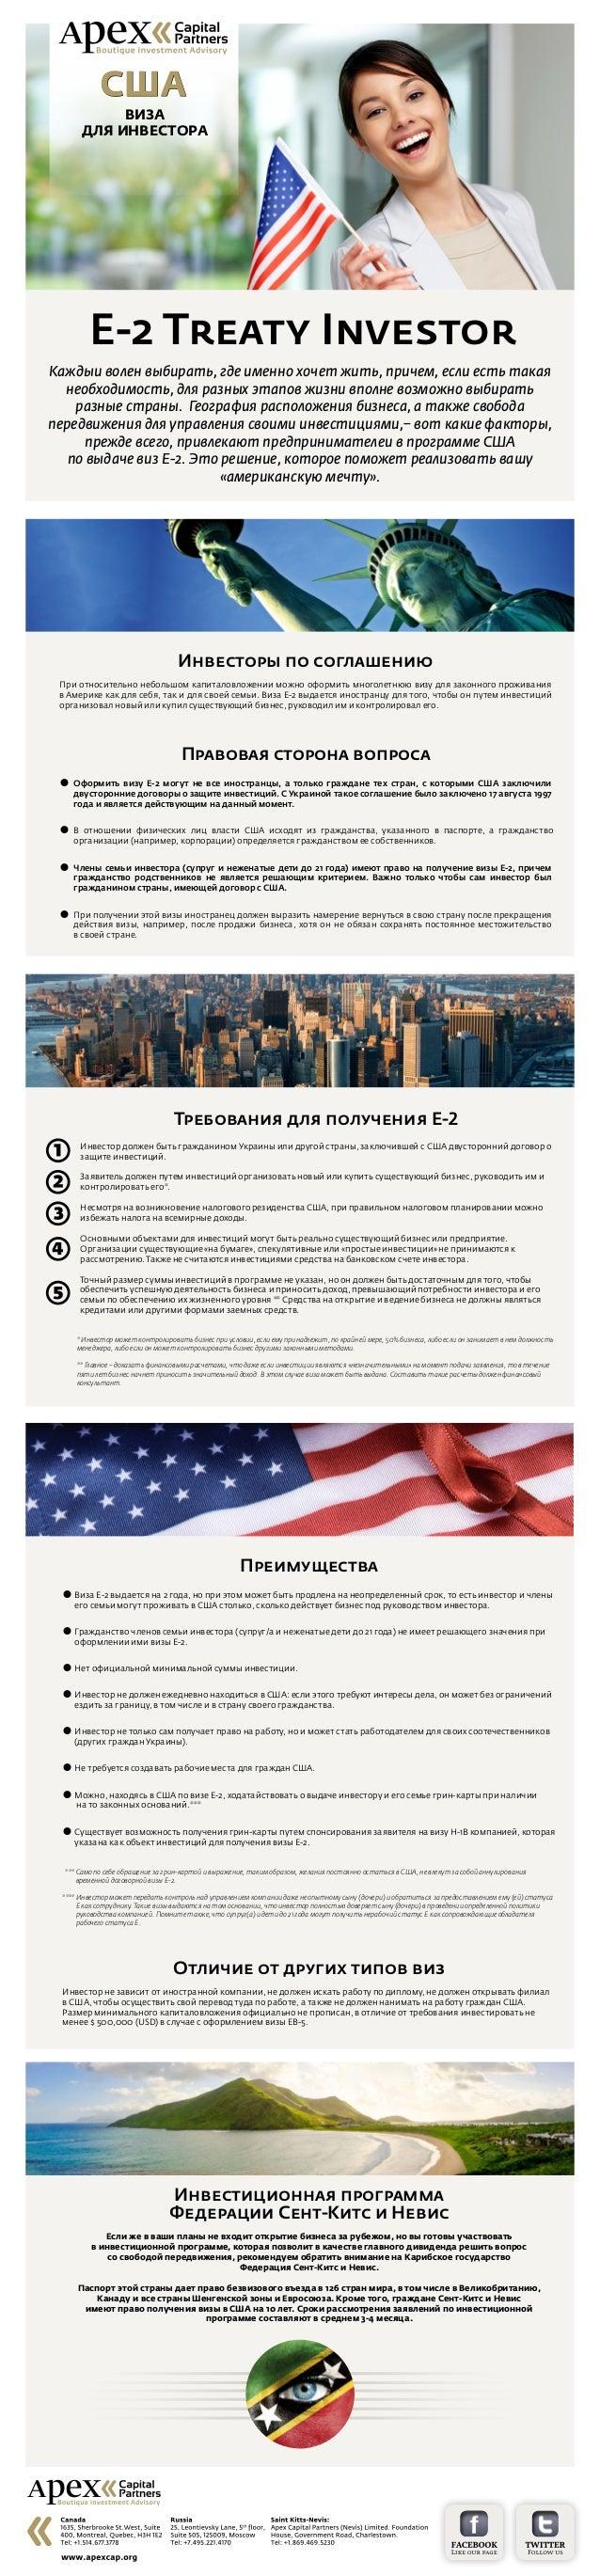 Гражданство сша виза инвестора процесс покупки недвижимости в болгарии